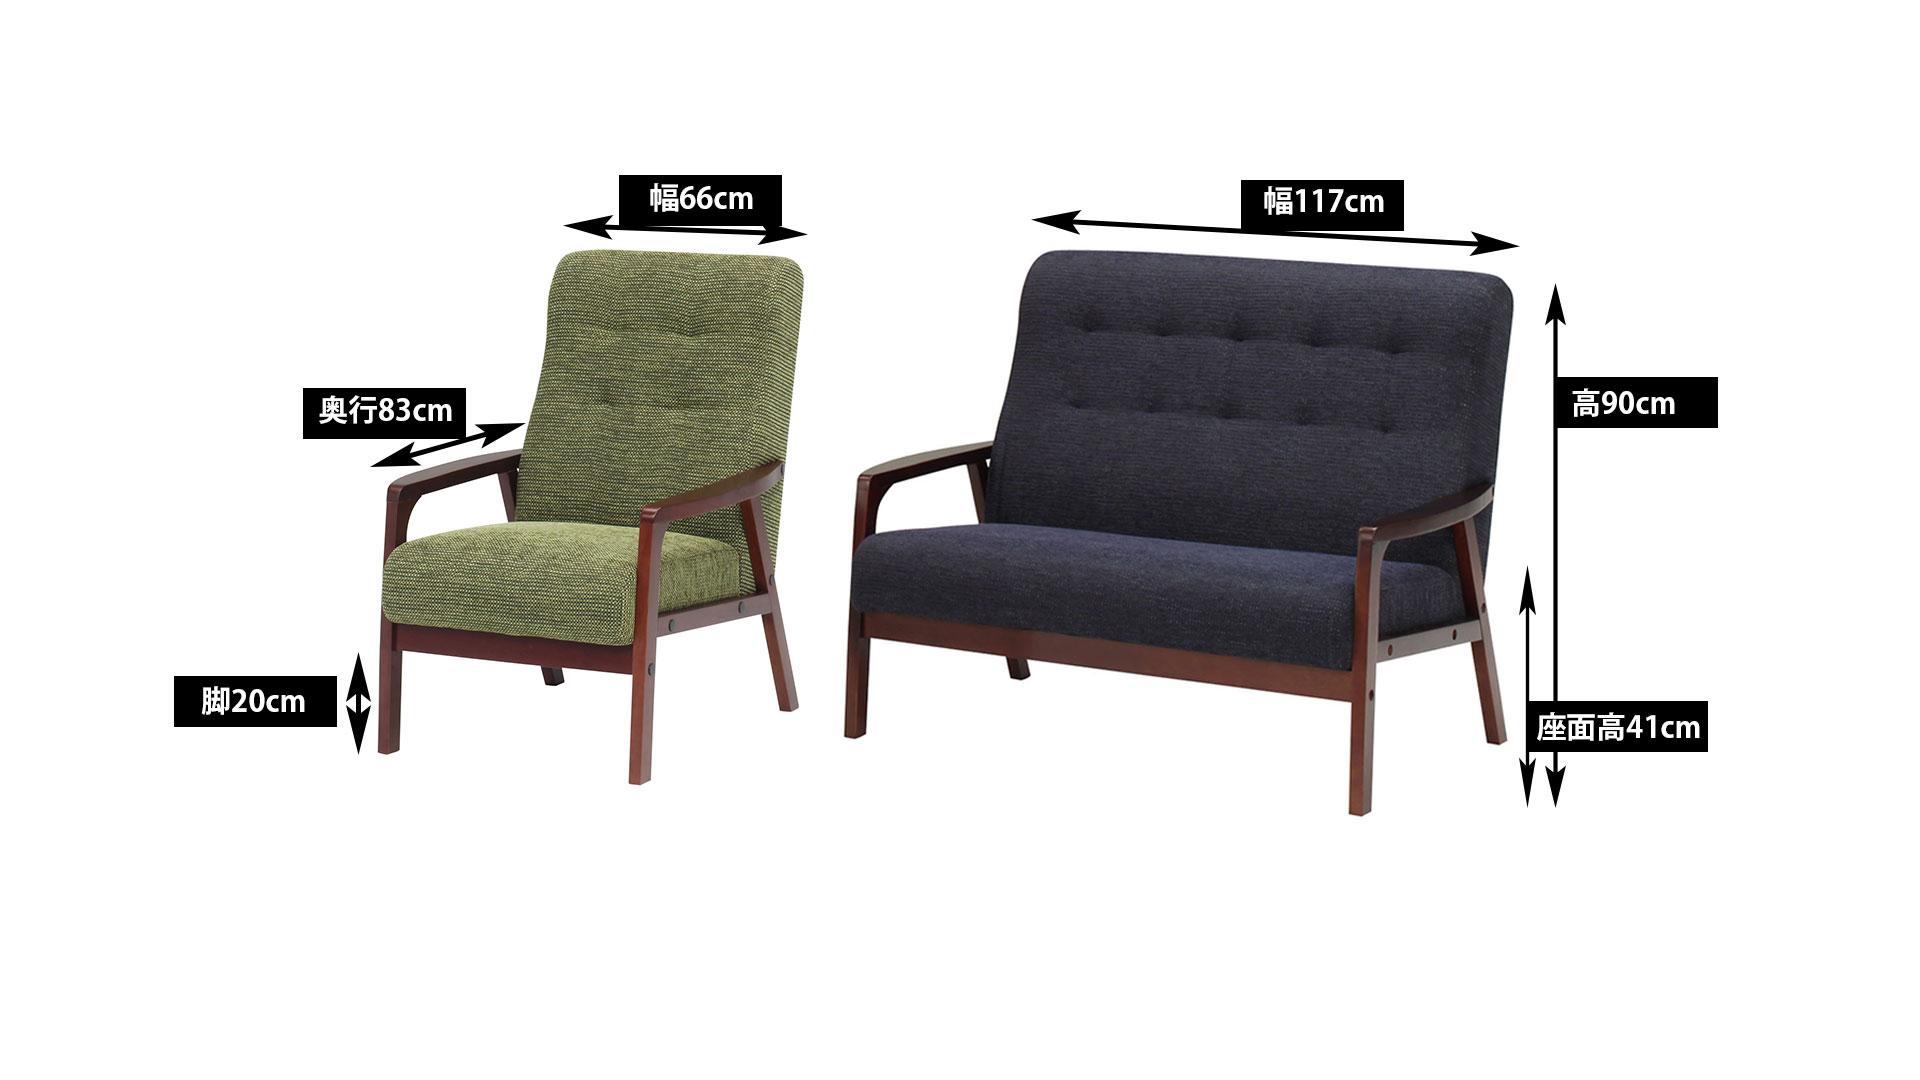 リビンズのソファ「モンブラン」の一人掛けと二人掛けのサイズの画像